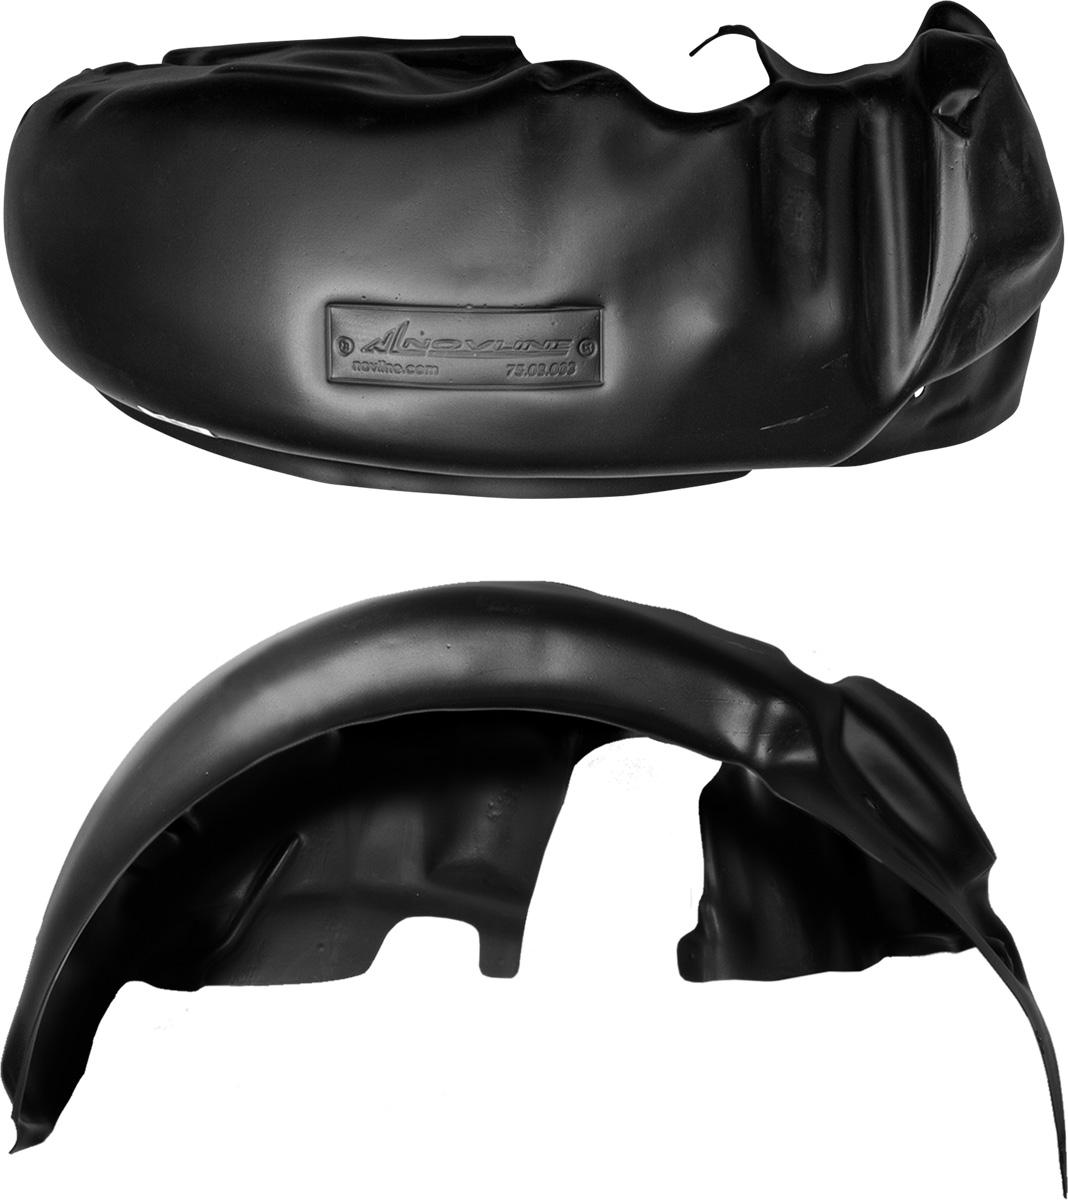 Подкрылок GEELY Emgrand EC7, 2011->, задний левыйNLL.75.05.003Колесные ниши – одни из самых уязвимых зон днища вашего автомобиля. Они постоянно подвергаются воздействию со стороны дороги. Лучшая, почти абсолютная защита для них - специально отформованные пластиковые кожухи, которые называются подкрылками, или локерами. Производятся они как для отечественных моделей автомобилей, так и для иномарок. Подкрылки выполнены из высококачественного, экологически чистого пластика. Обеспечивают надежную защиту кузова автомобиля от пескоструйного эффекта и негативного влияния, агрессивных антигололедных реагентов. Пластик обладает более низкой теплопроводностью, чем металл, поэтому в зимний период эксплуатации использование пластиковых подкрылков позволяет лучше защитить колесные ниши от налипания снега и образования наледи. Оригинальность конструкции подчеркивает элегантность автомобиля, бережно защищает нанесенное на днище кузова антикоррозийное покрытие и позволяет осуществить крепление подкрылков внутри колесной арки практически без дополнительного крепежа и сверления, не нарушая при этом лакокрасочного покрытия, что предотвращает возникновение новых очагов коррозии. Технология крепления подкрылков на иномарки принципиально отличается от крепления на российские автомобили и разрабатывается индивидуально для каждой модели автомобиля. Подкрылки долговечны, обладают высокой прочностью и сохраняют заданную форму, а также все свои физико-механические характеристики в самых тяжелых климатических условиях ( от -50° С до + 50° С).